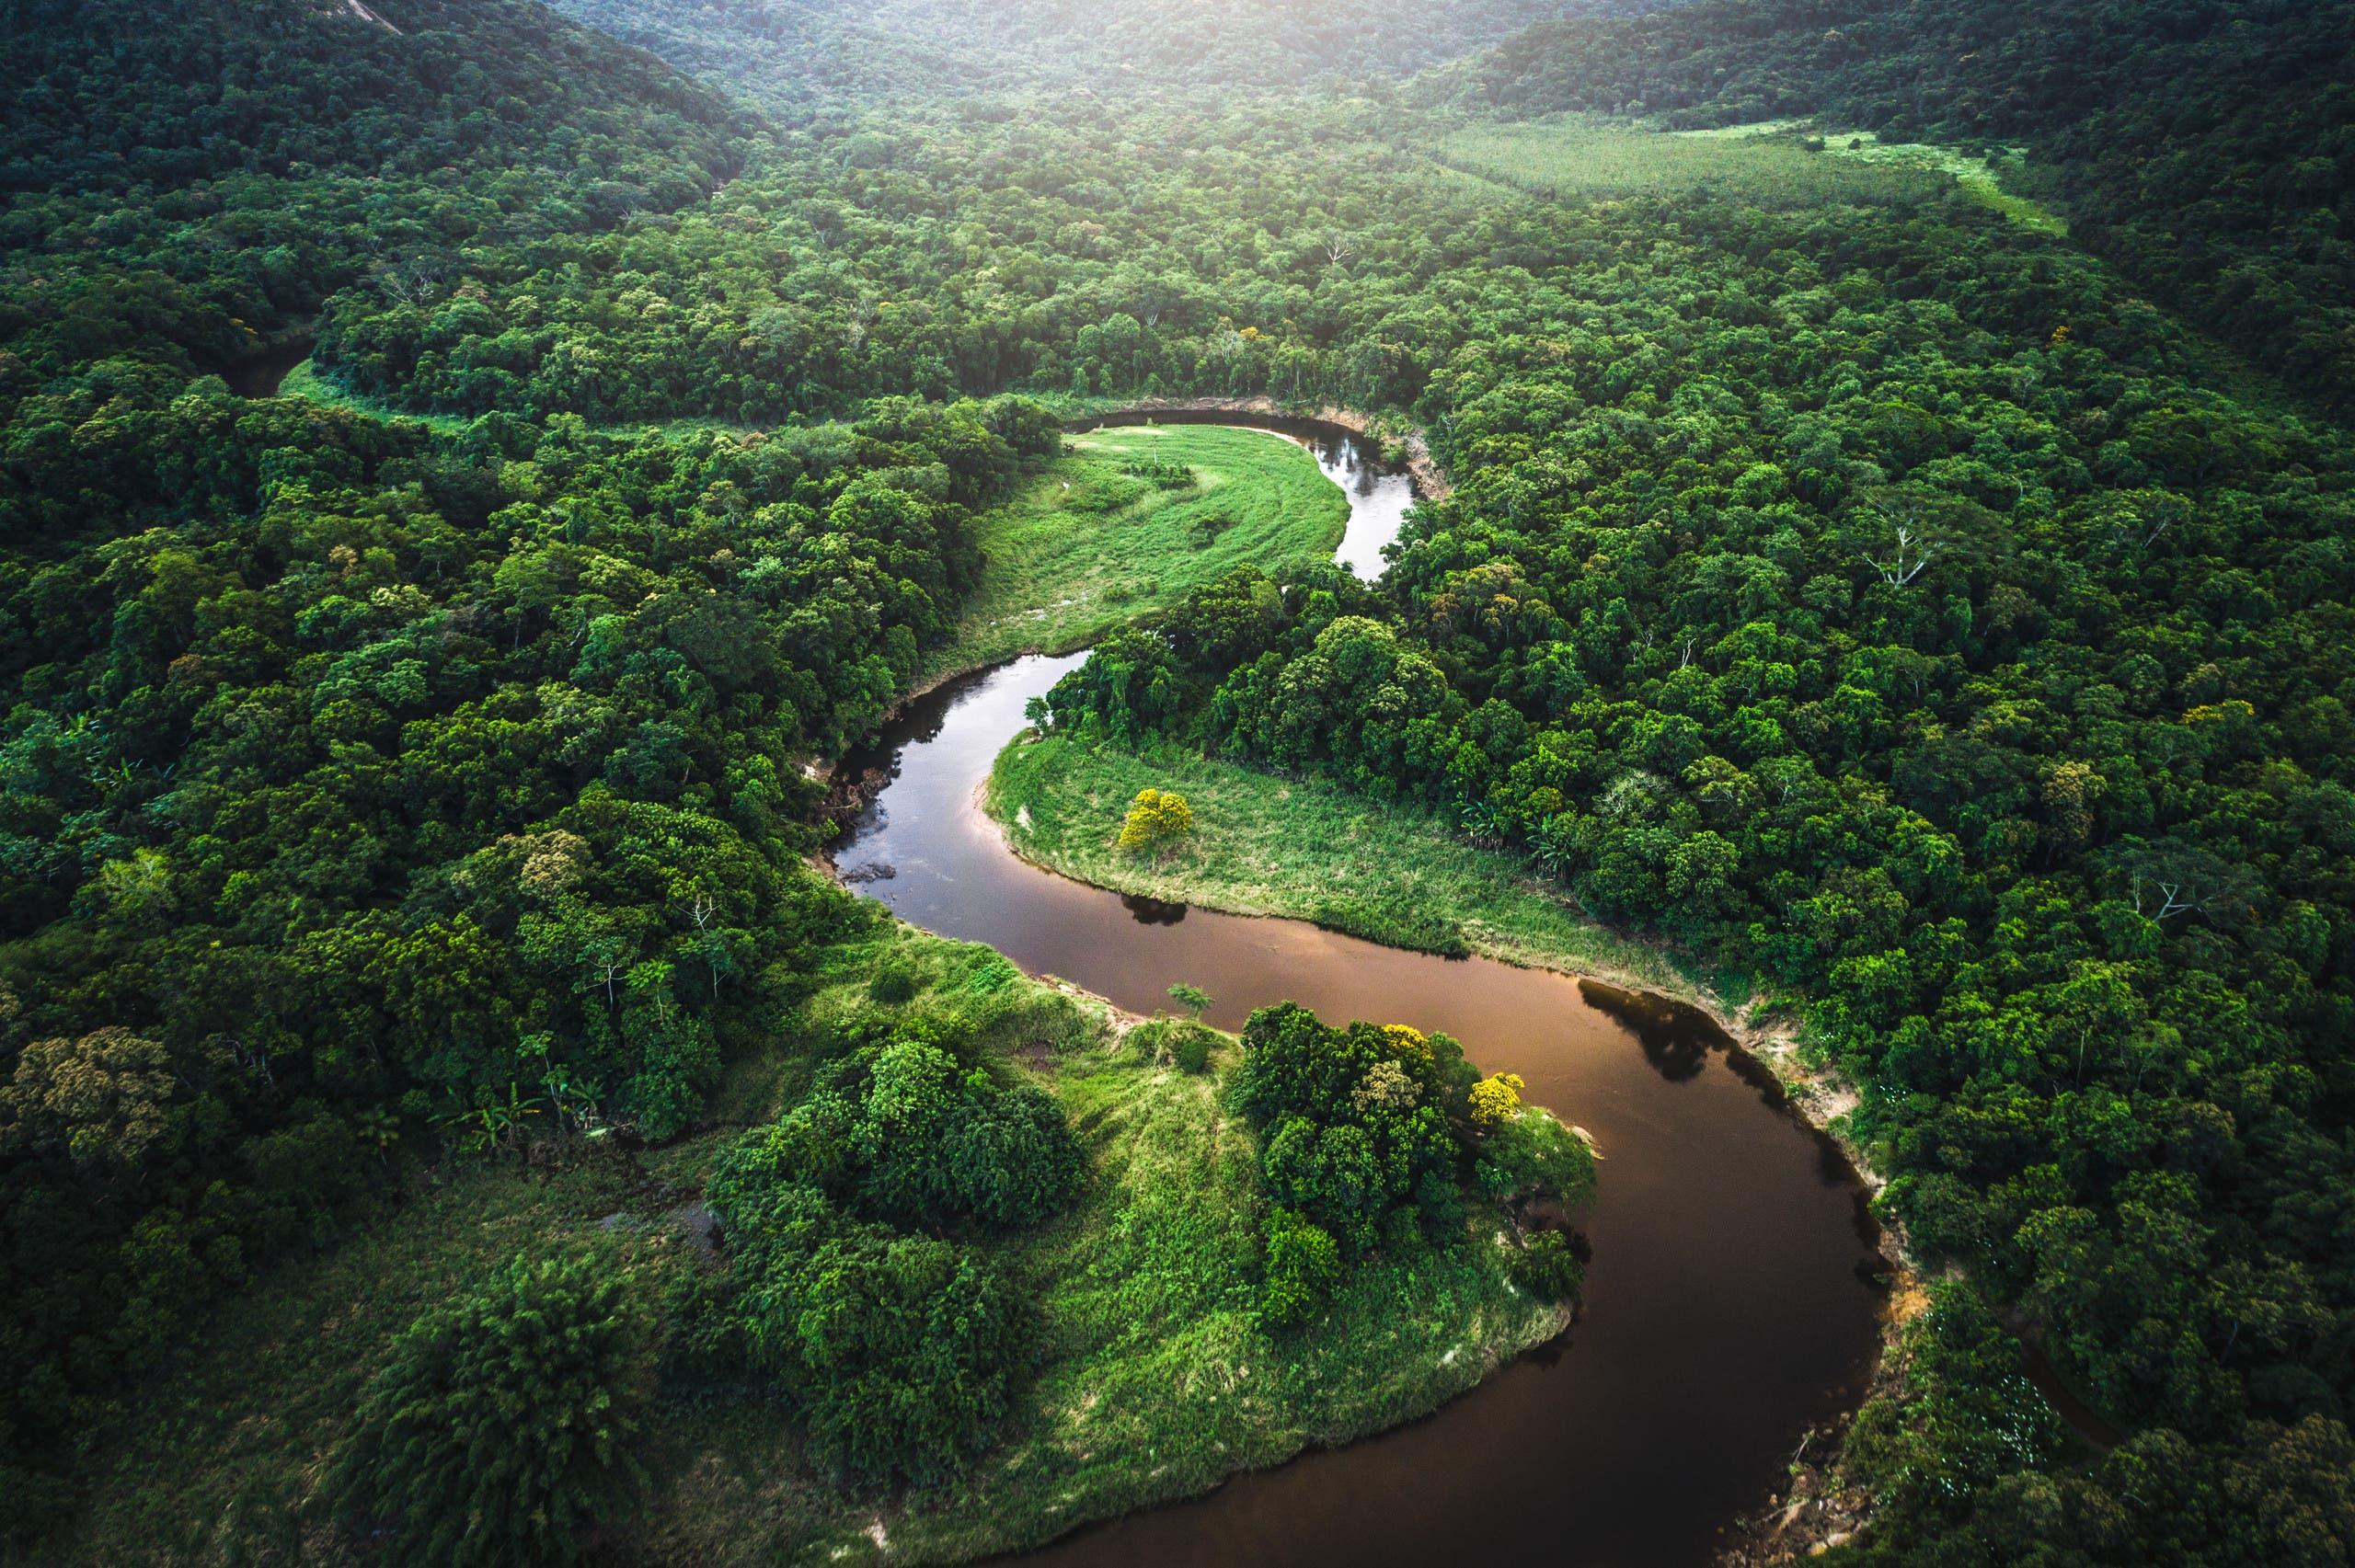 من غابات الامازون